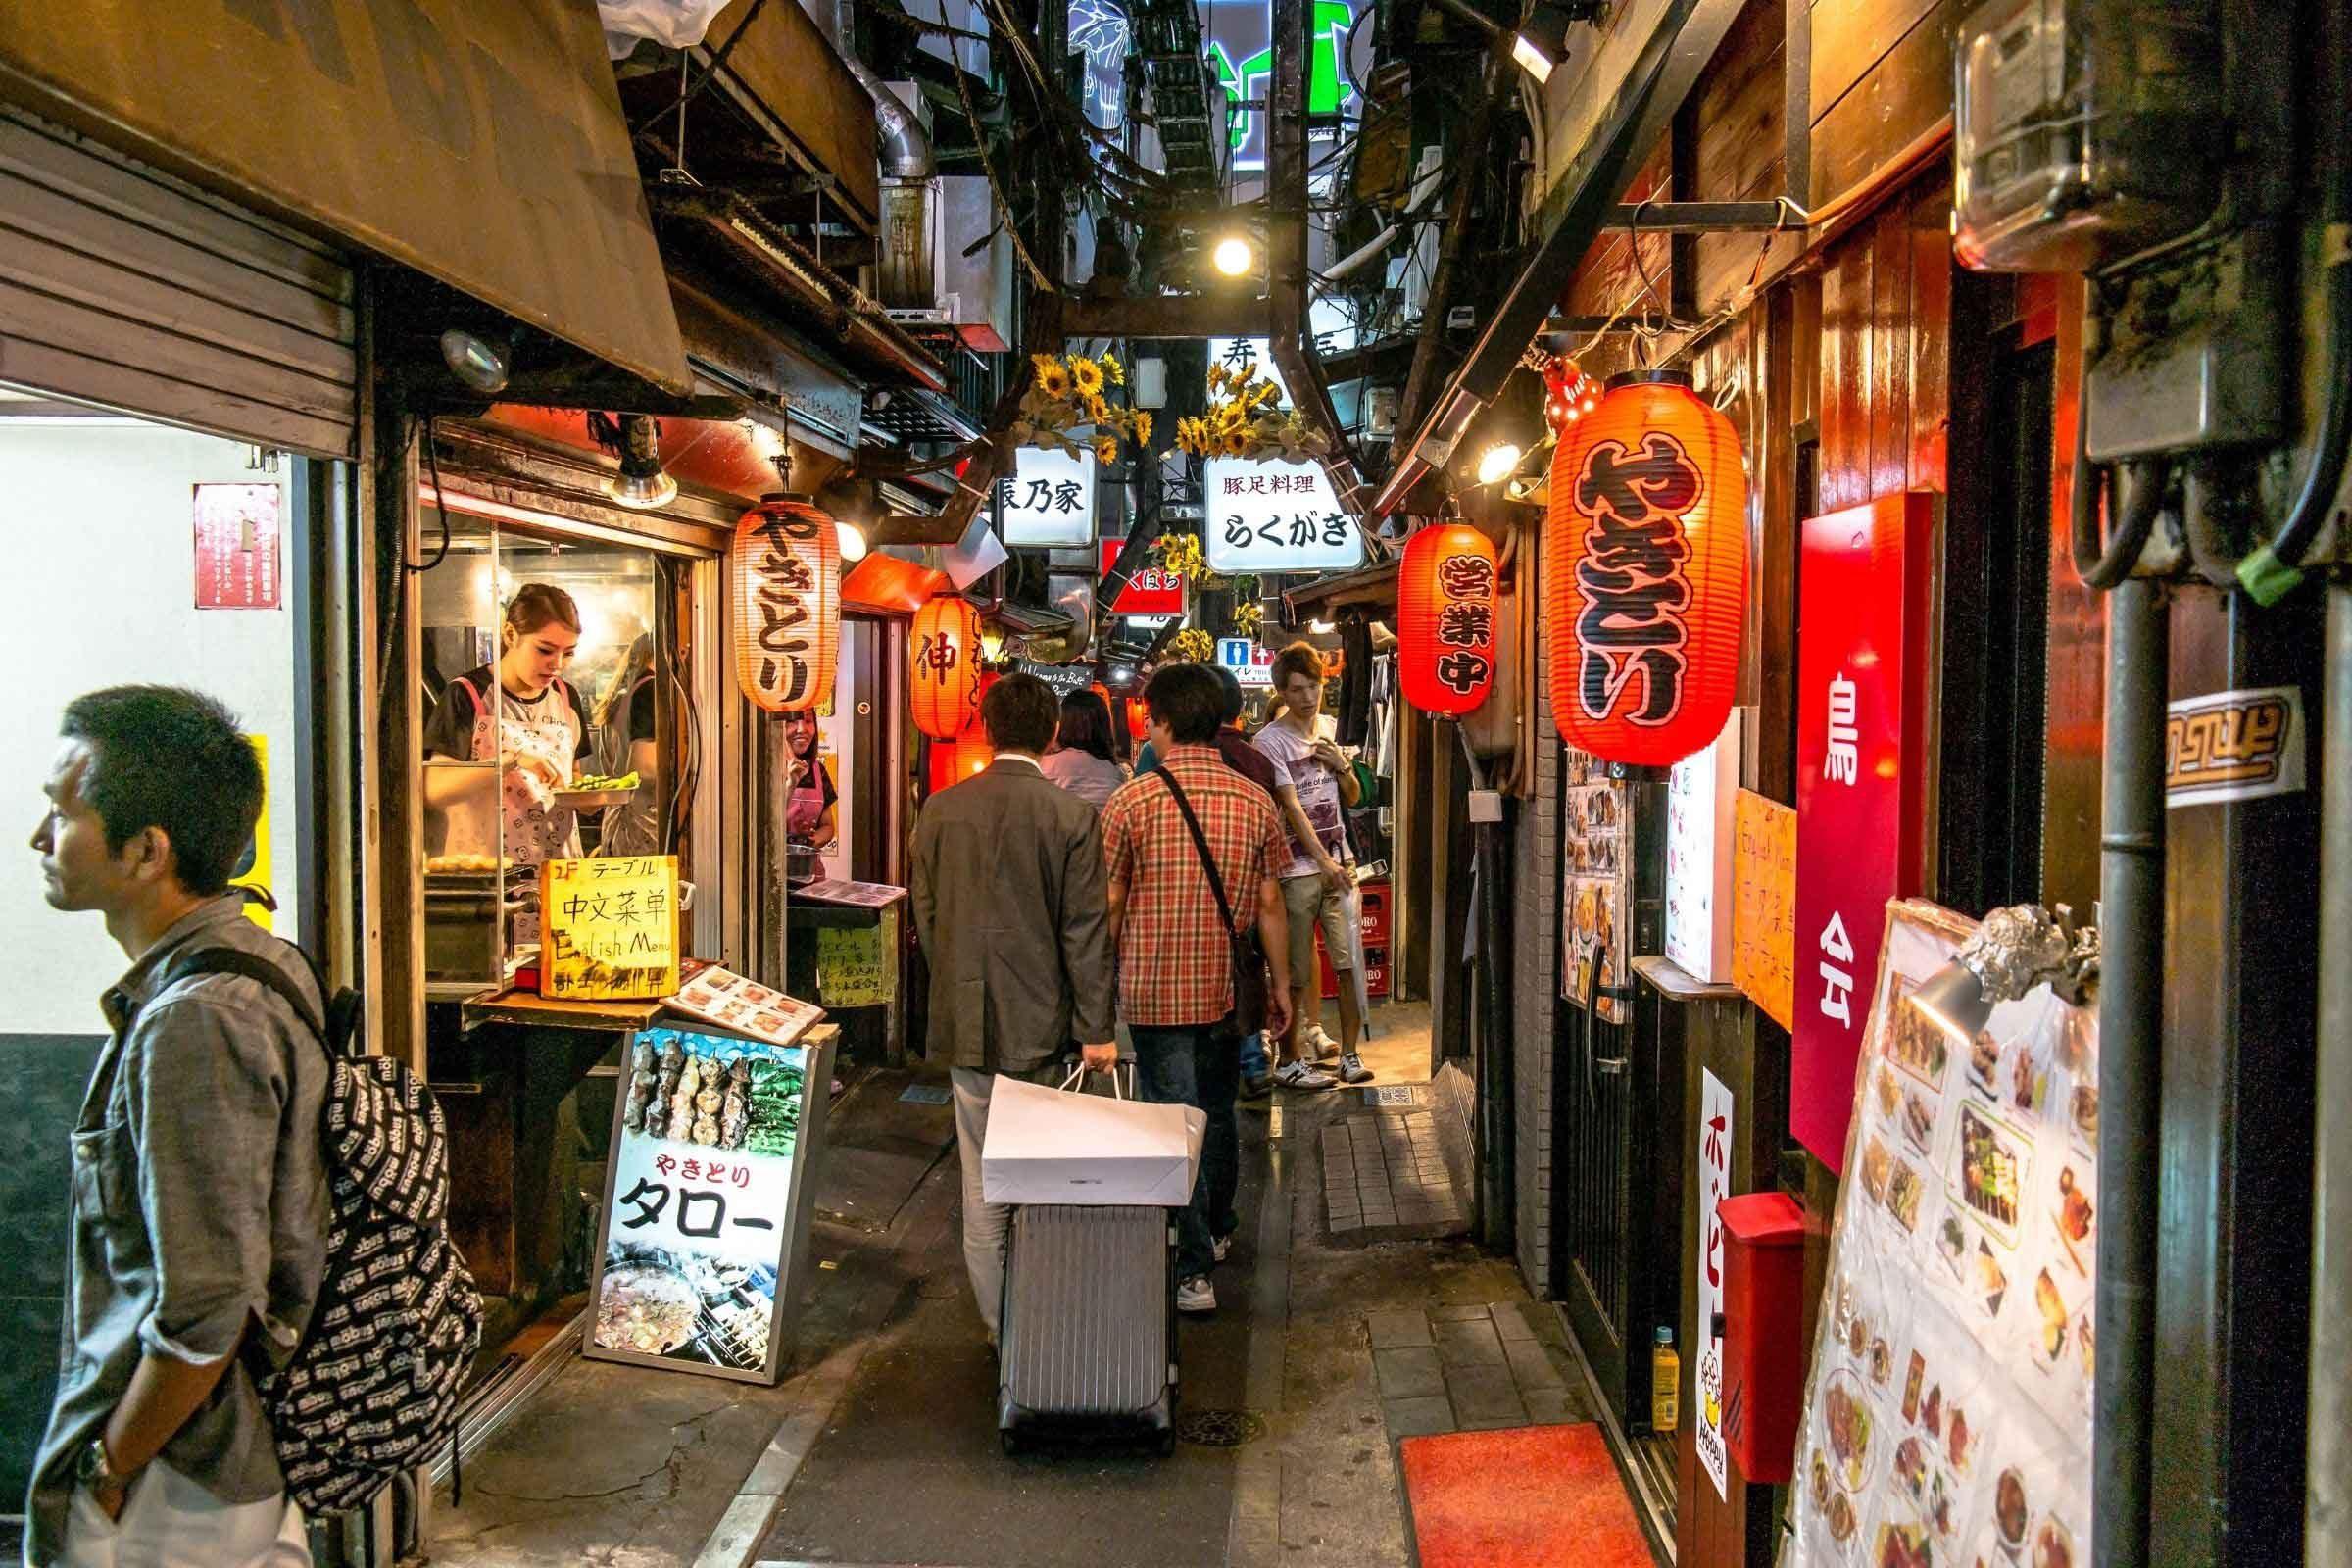 Wat te doen in Tokyo - Bezoek Golden Gai in Shinjuku